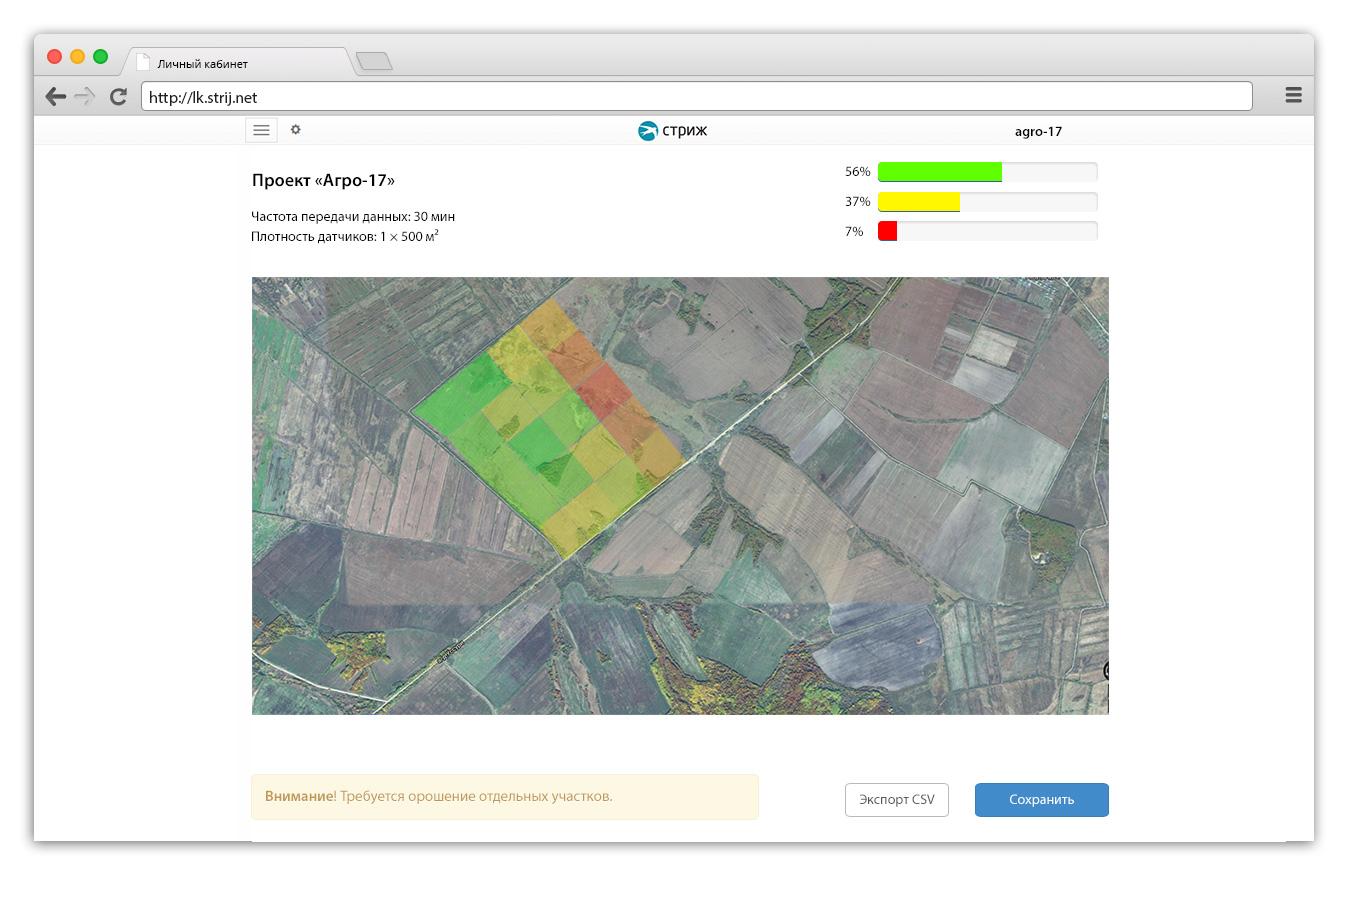 Веб-интерфейс системы мониторинга влажности почвы и контроля полива